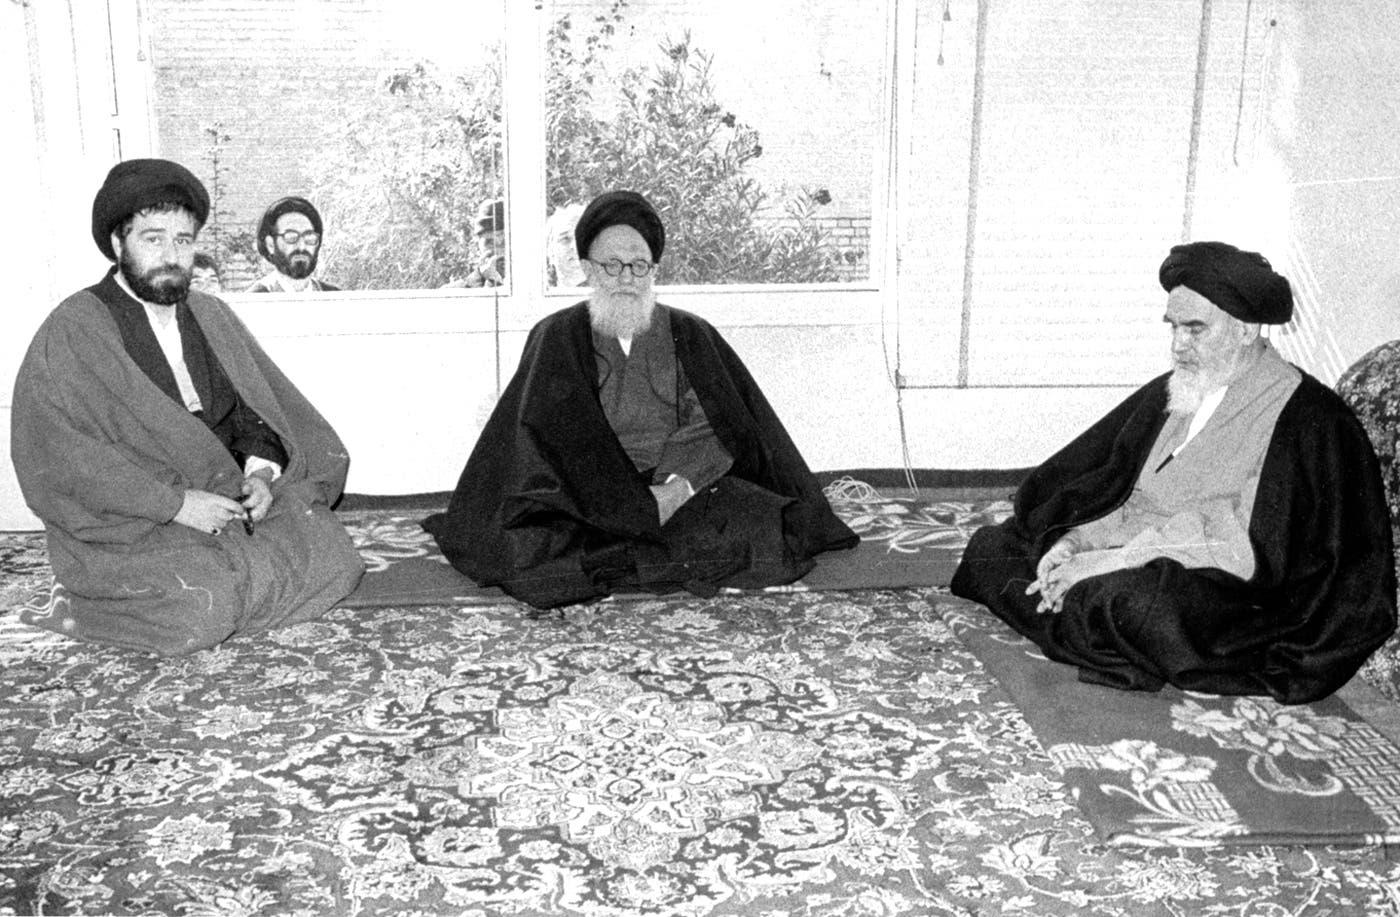 آية الله شريعتمداري في الوسط مع آية الله خميني ونجله أحمد